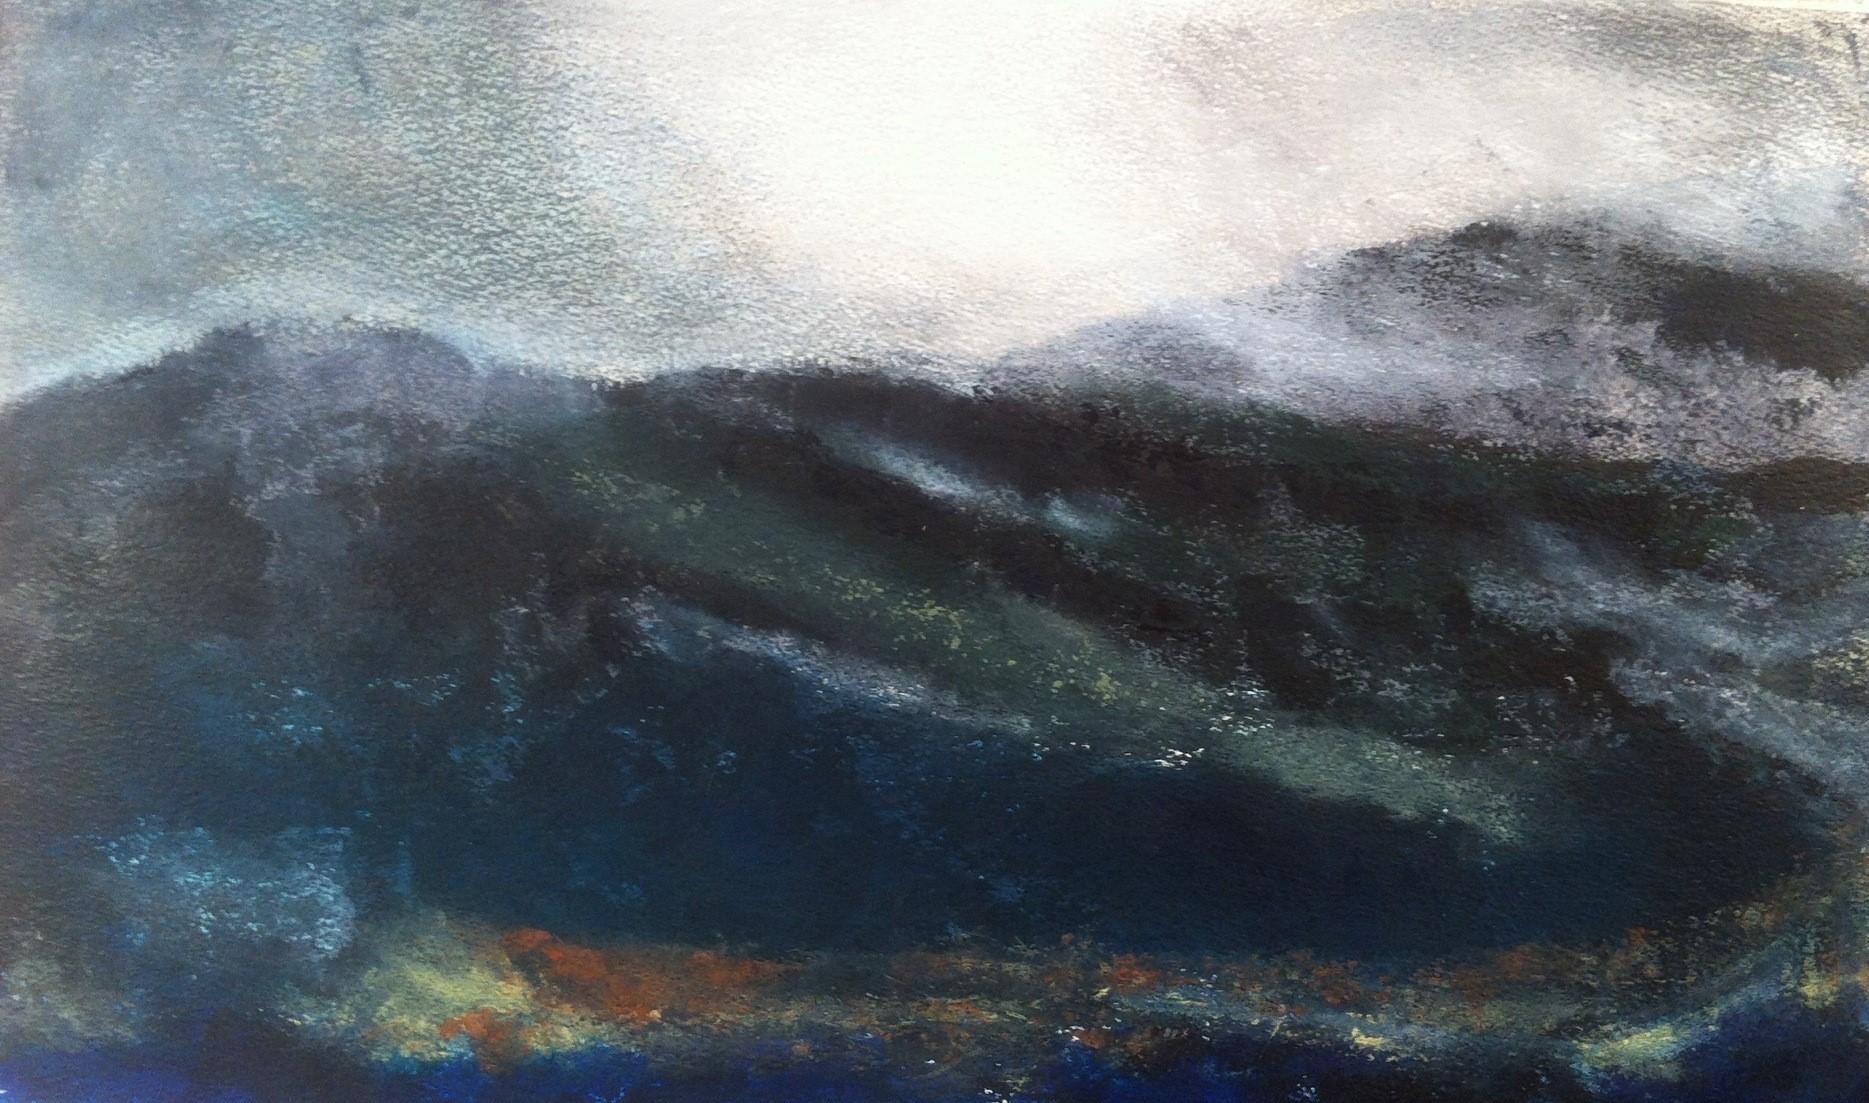 N°754 - Mer ou montagne - Acrylique sur papier - 36 x 59,5 cm - 26 octobre 2013